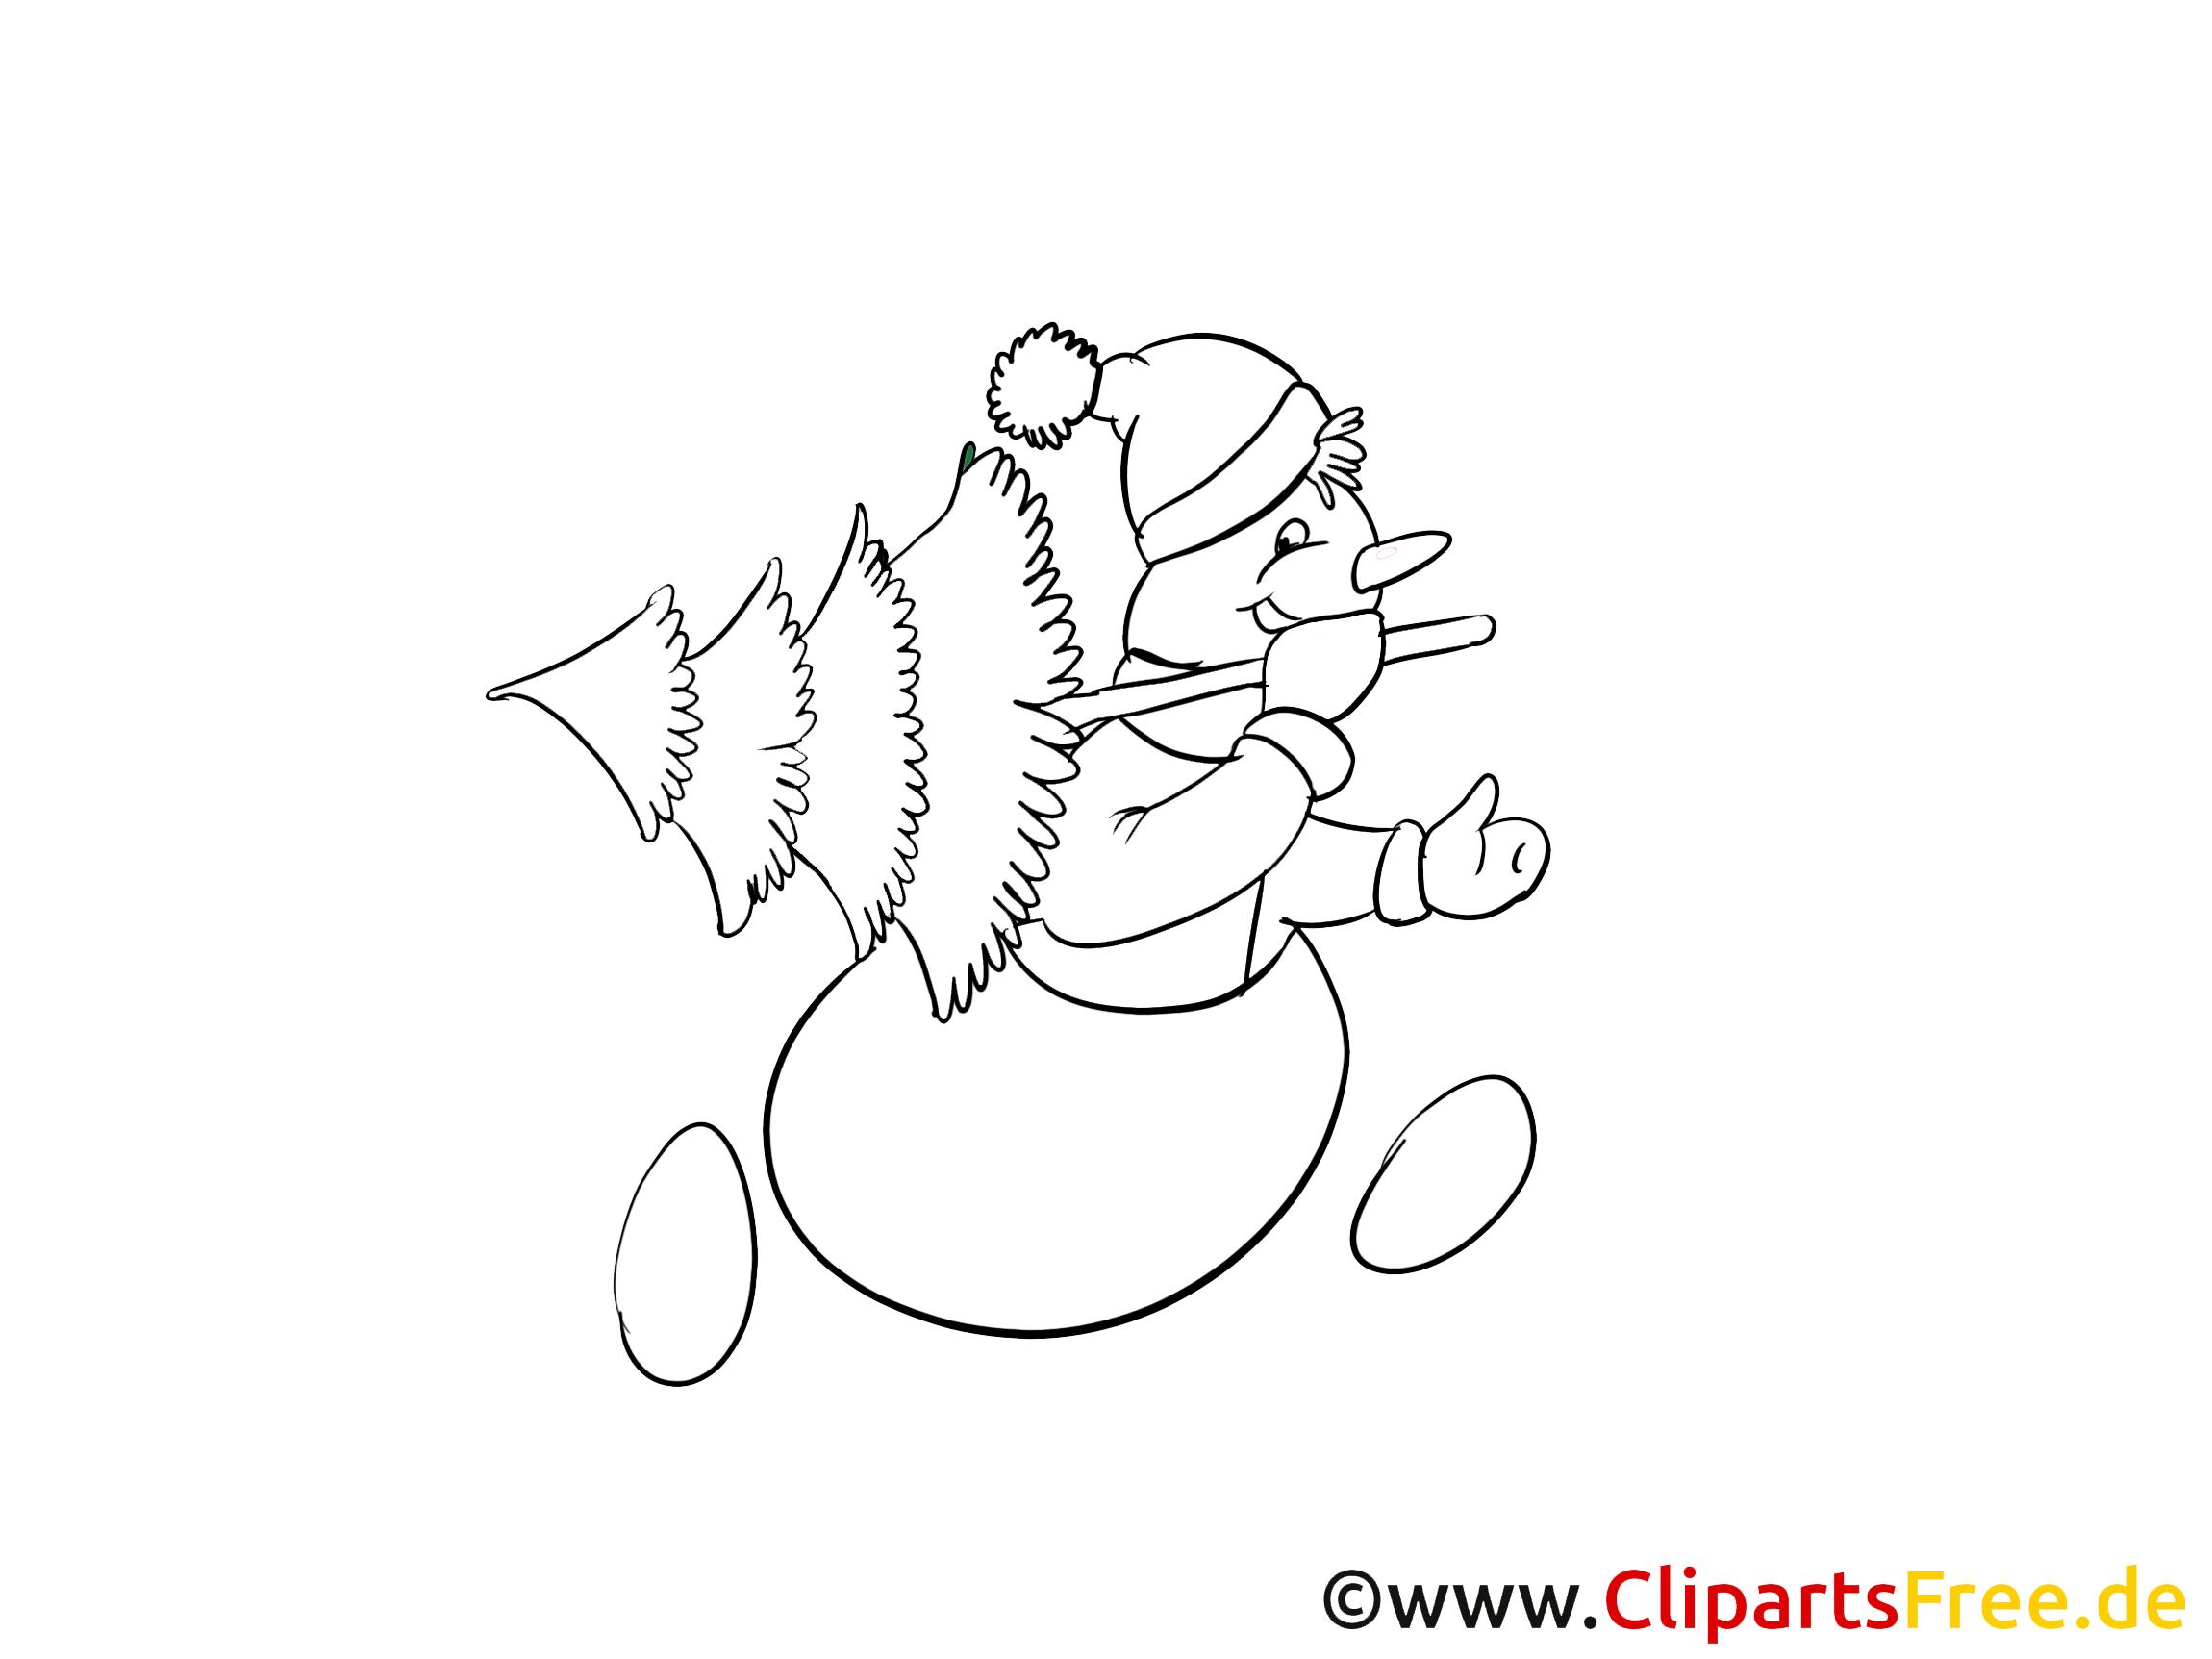 frisch weihnachtsmann malvorlage färbung malvorlagen